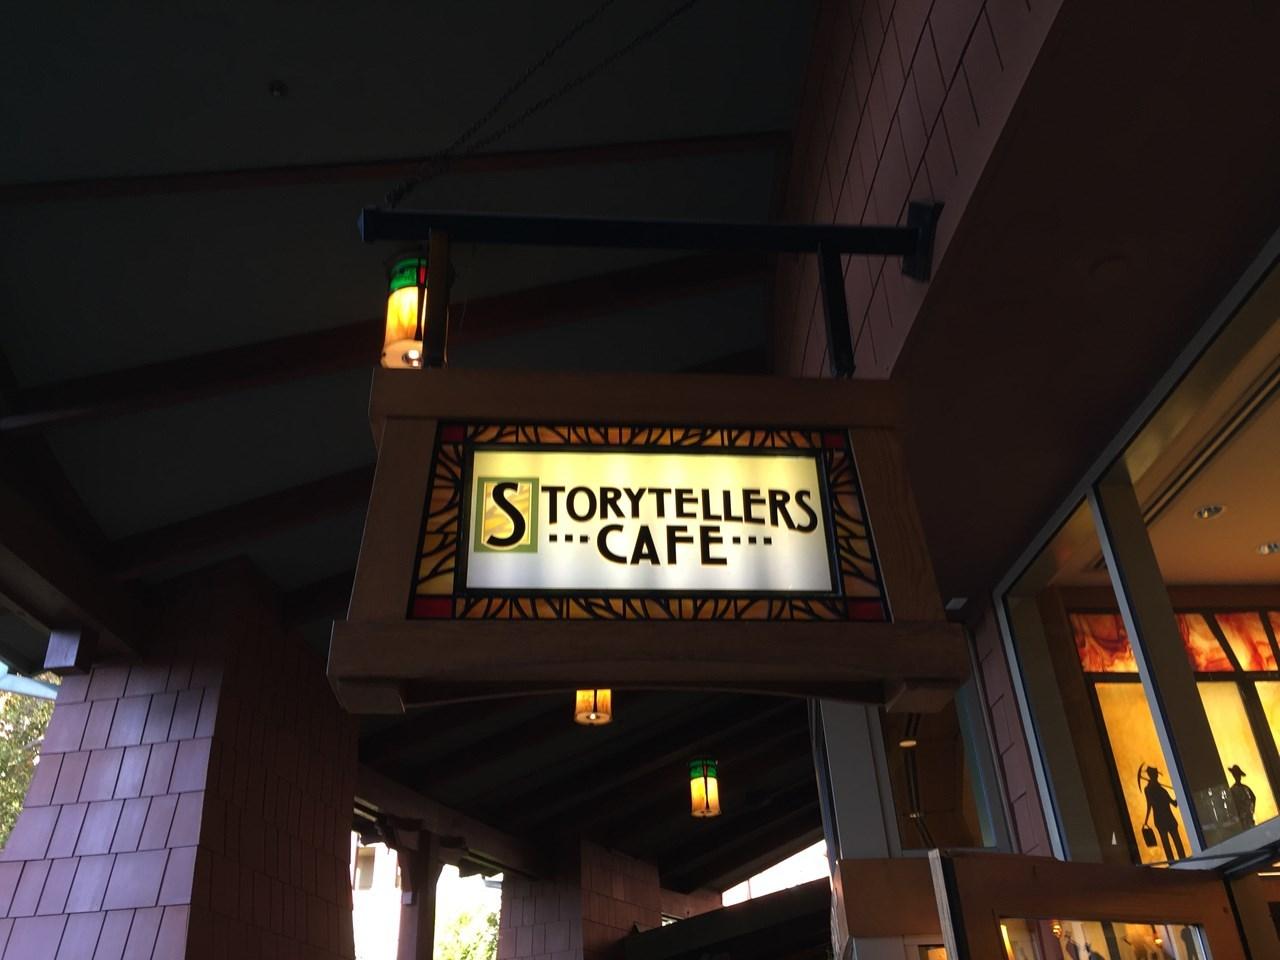 落ち着いた雰囲気の外観と内装が印象的な「ストーリーテラー・カフェ」